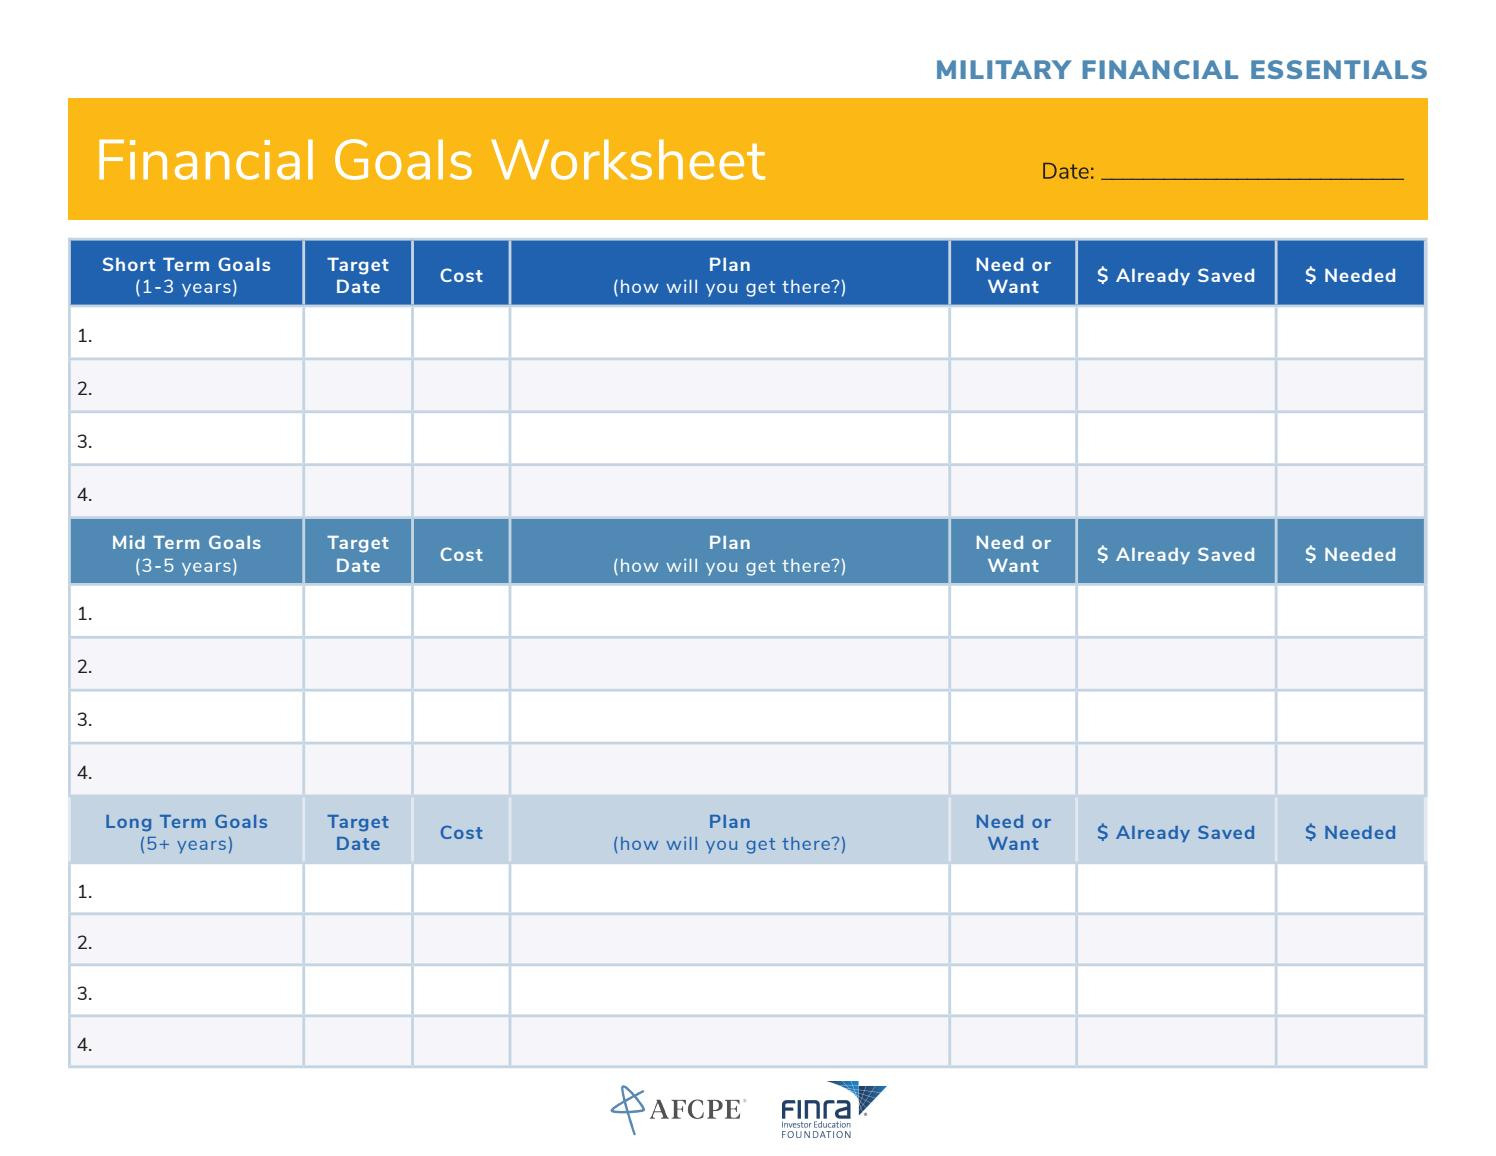 Financial Goals Worksheet